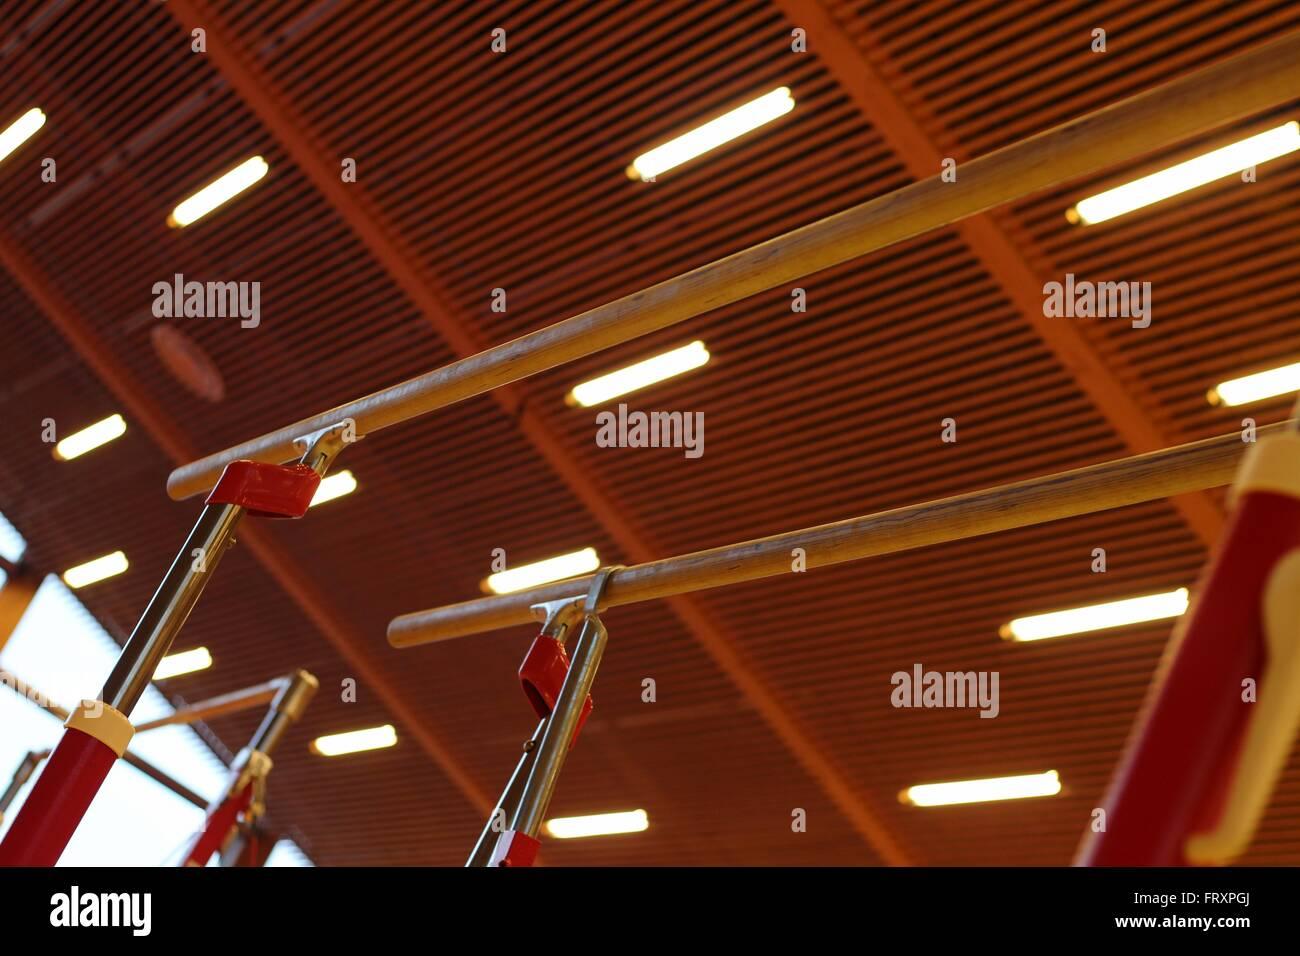 Appareils de gymnastique dans un club de gymnastique dans les îles féroé Photo Stock